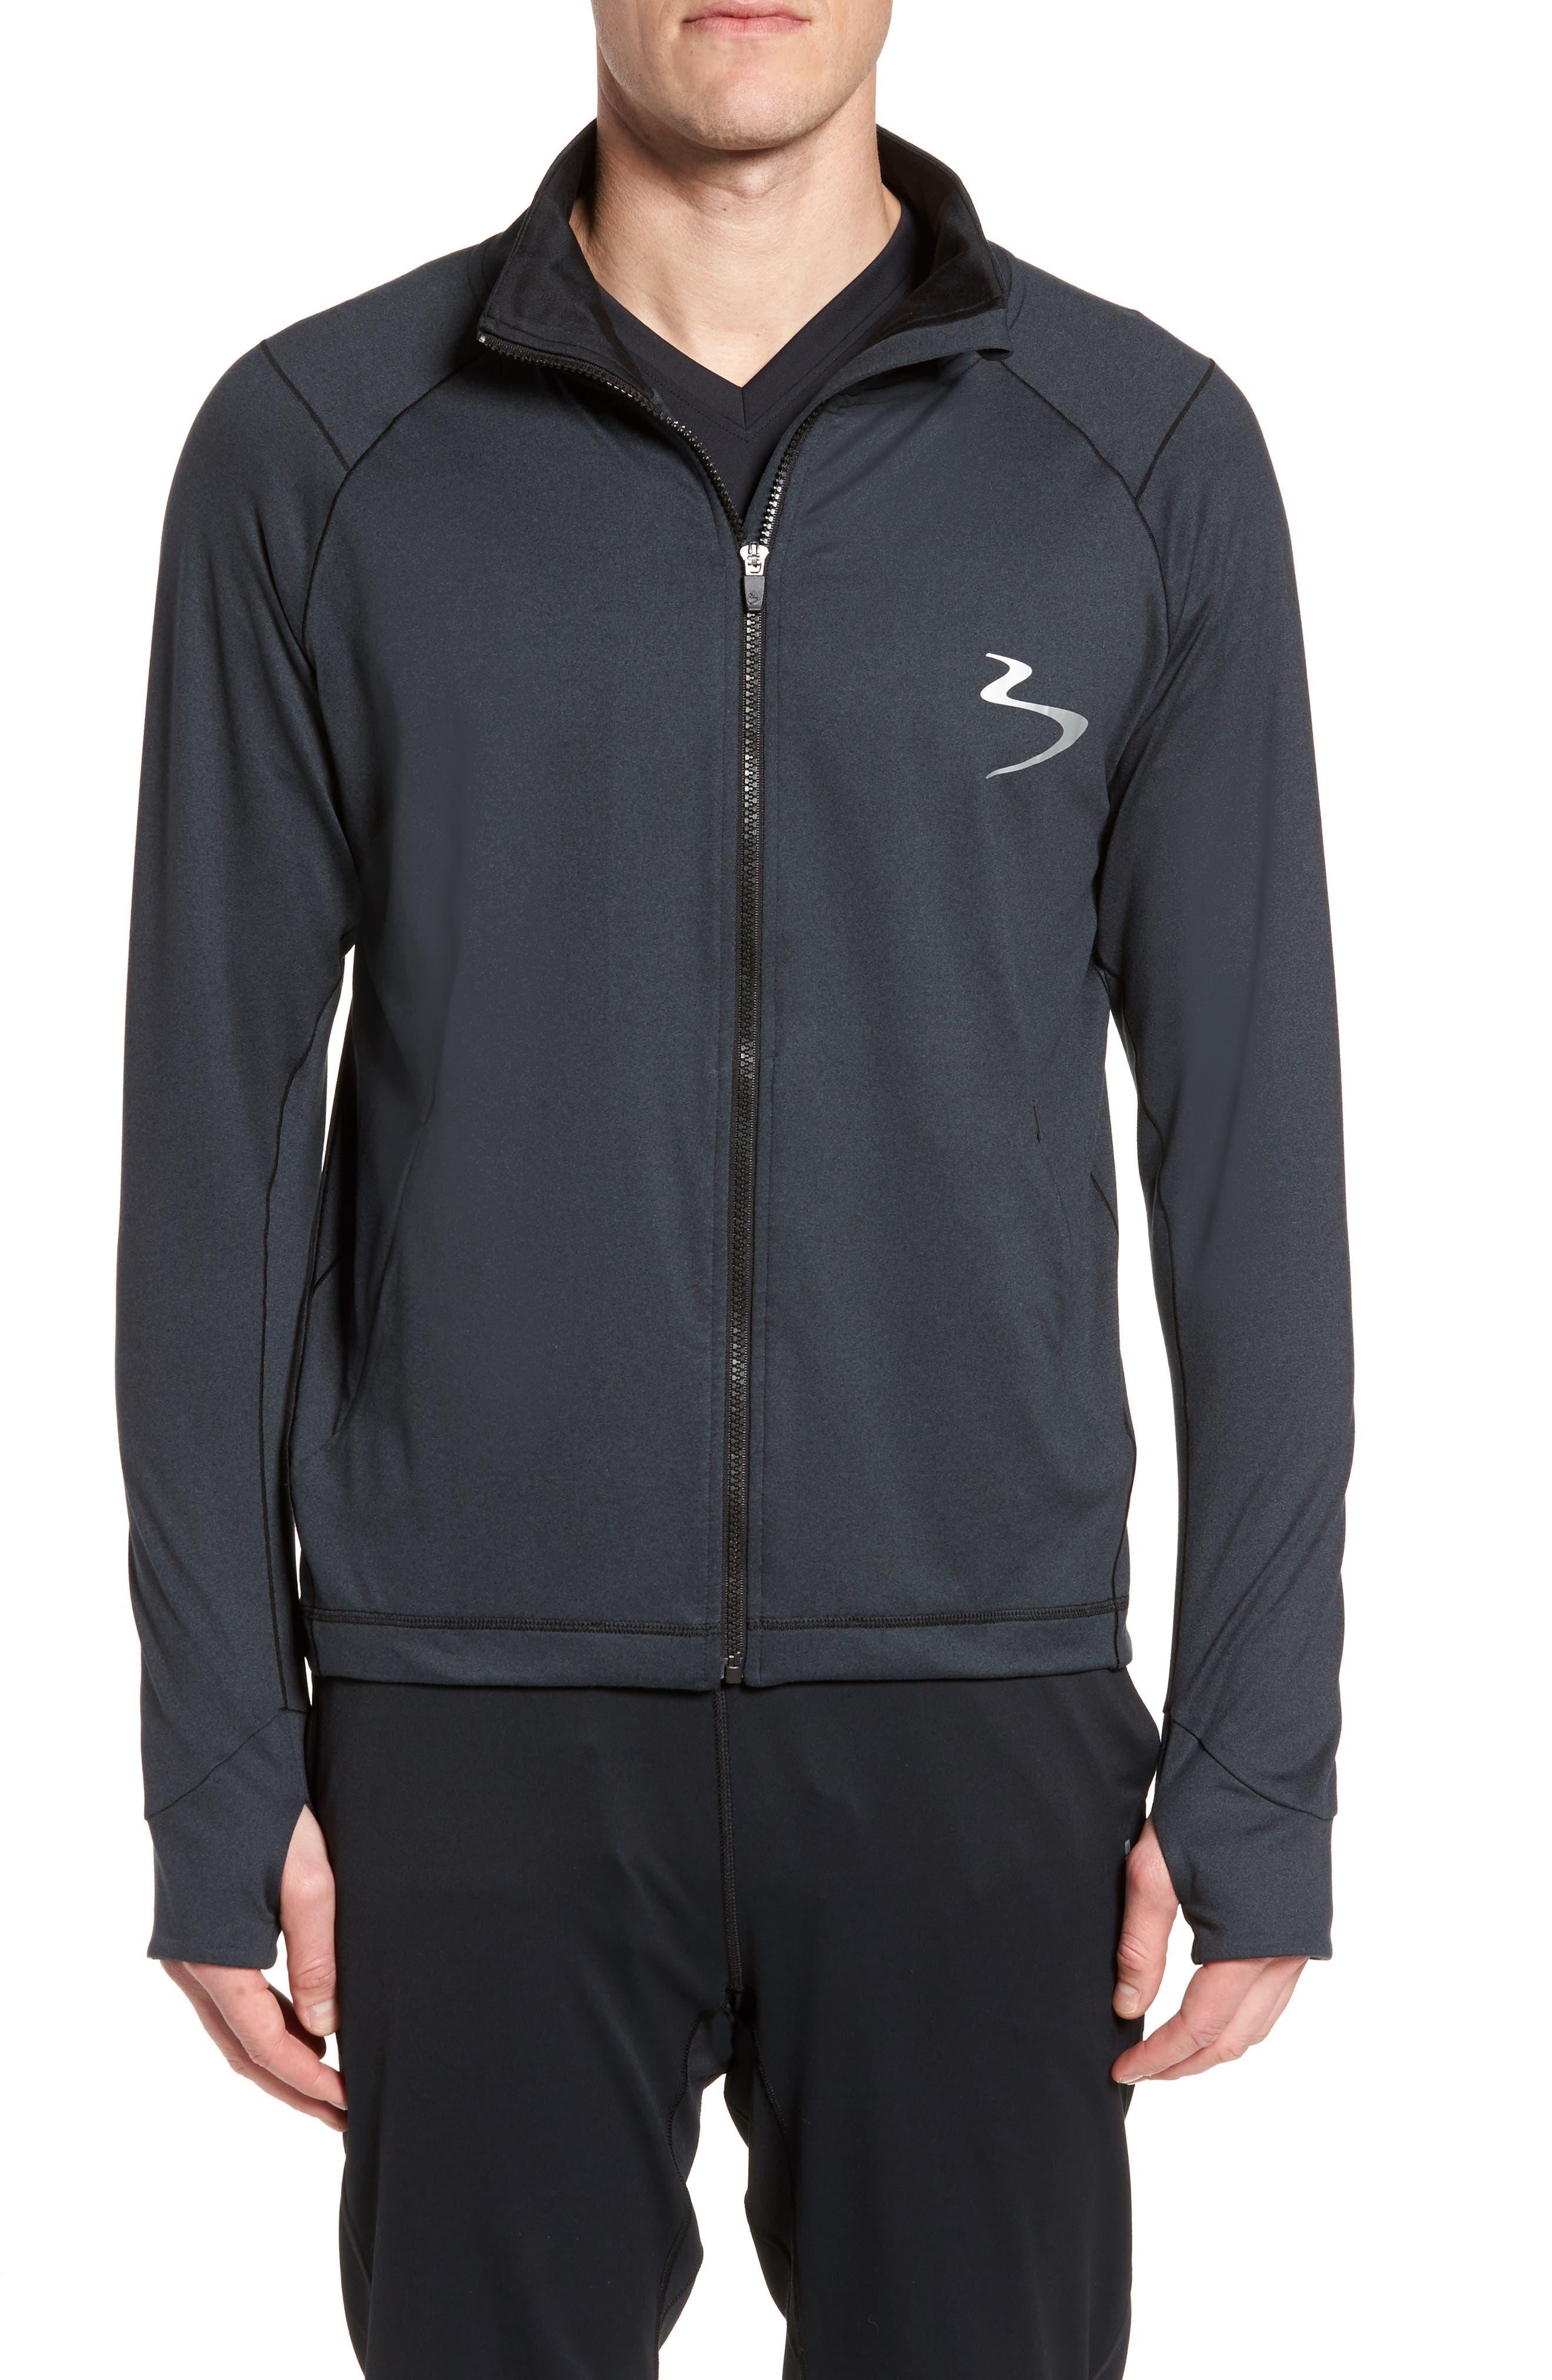 Alternate Image 1 Selected - Beachbody Energy Training Jacket